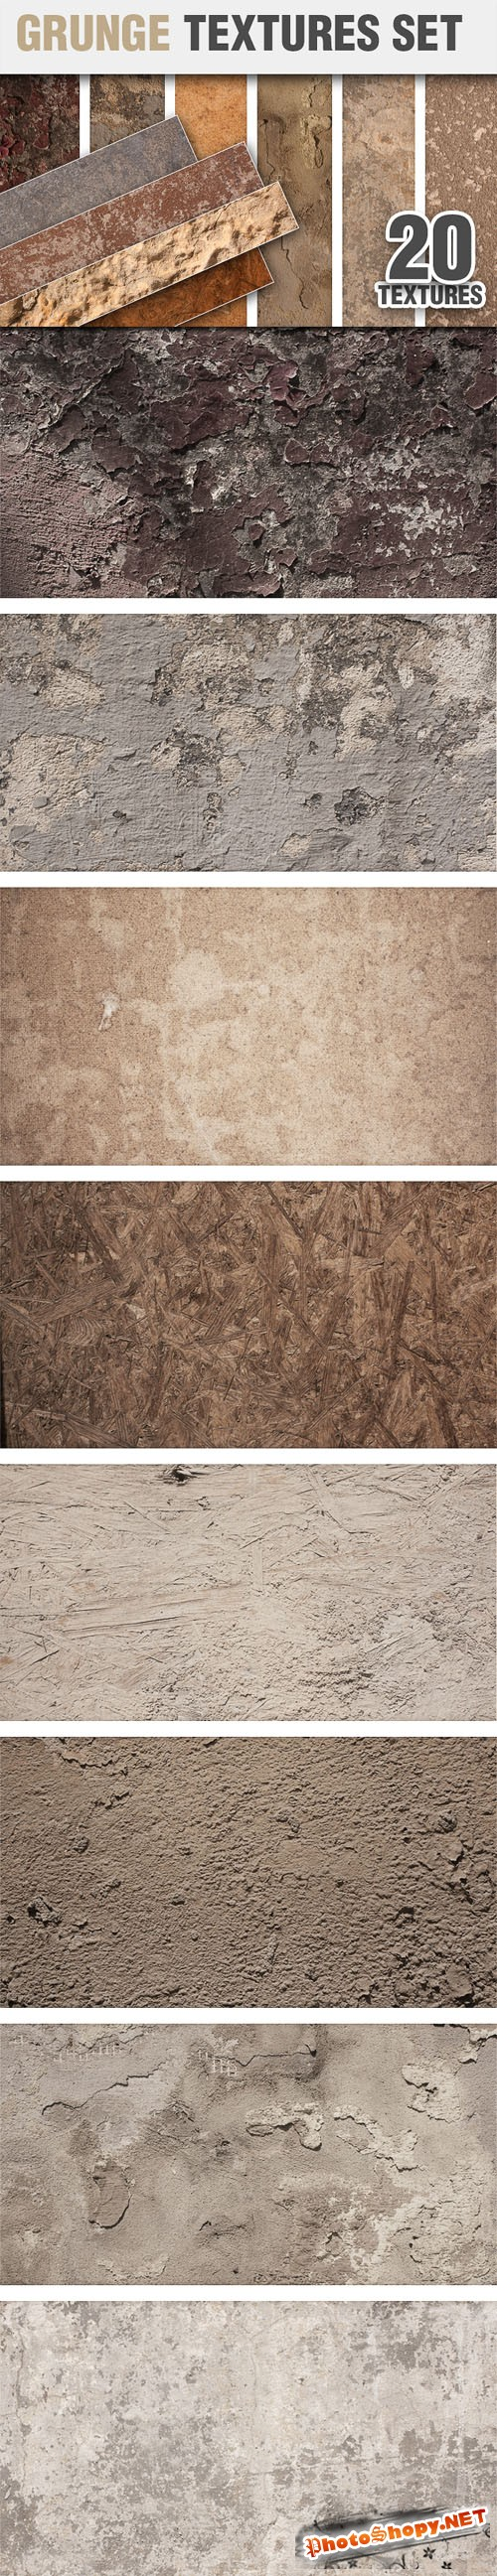 Designtnt - Grunge Textures Set 2